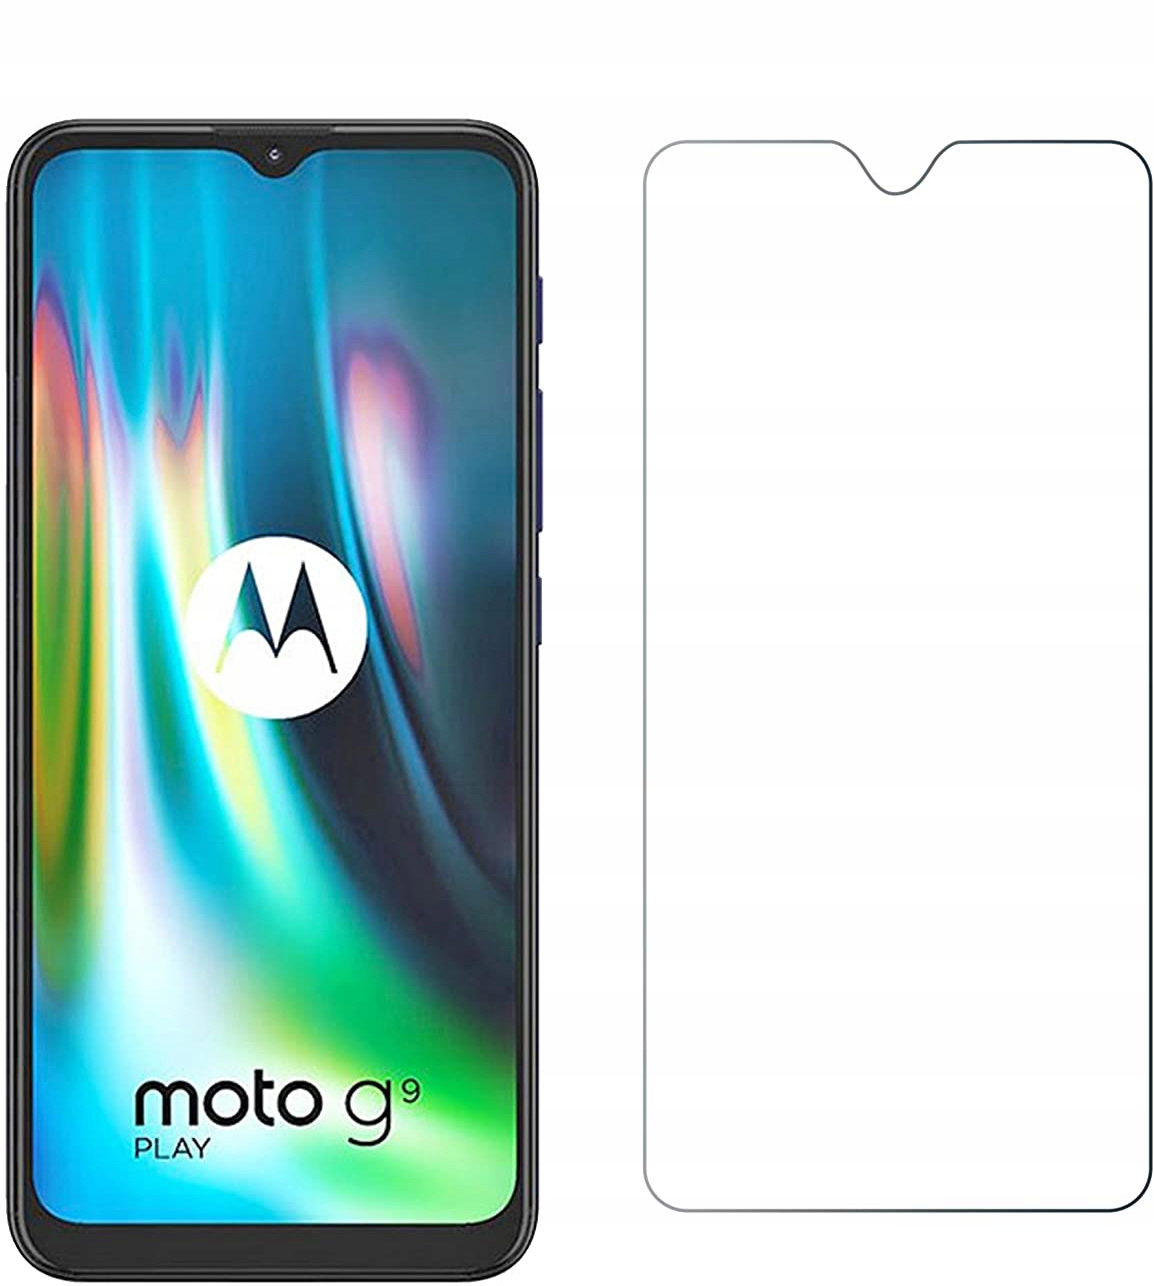 Etui Carbon + Szkło do Motorola G9 Play / E7 Plus Kod producenta Motorola Moto G9 Play / E7 Plus